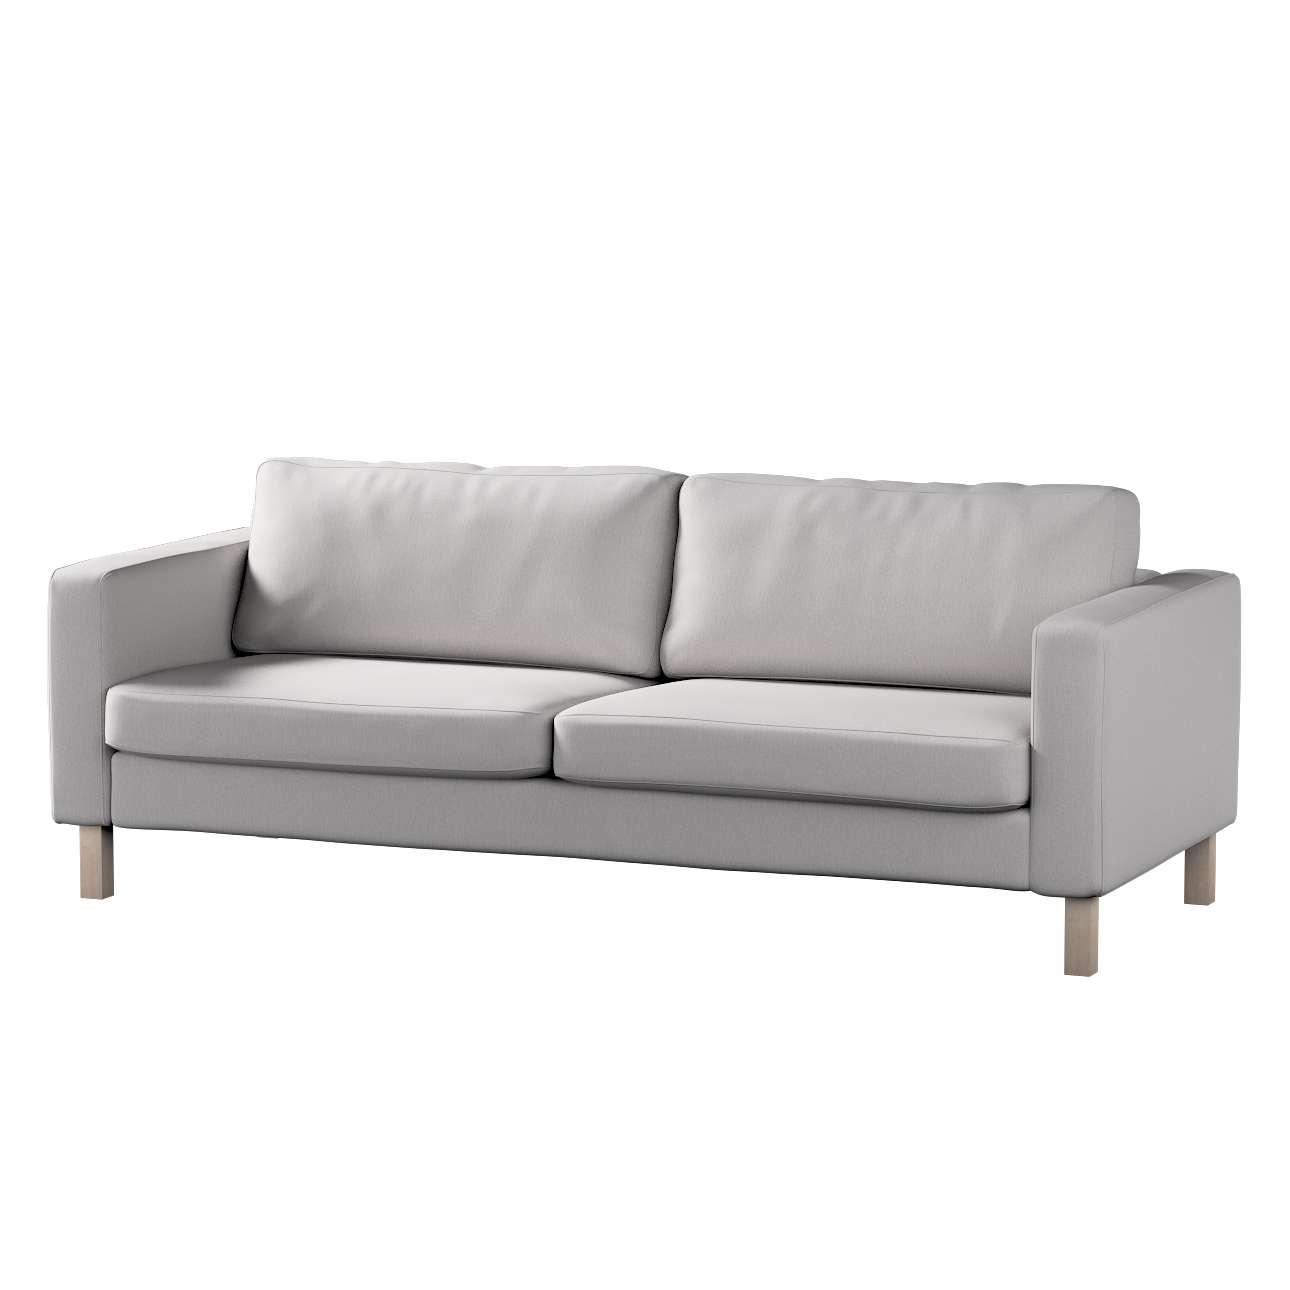 Pokrowiec na sofę Karlstad rozkładaną w kolekcji Chenille, tkanina: 702-23